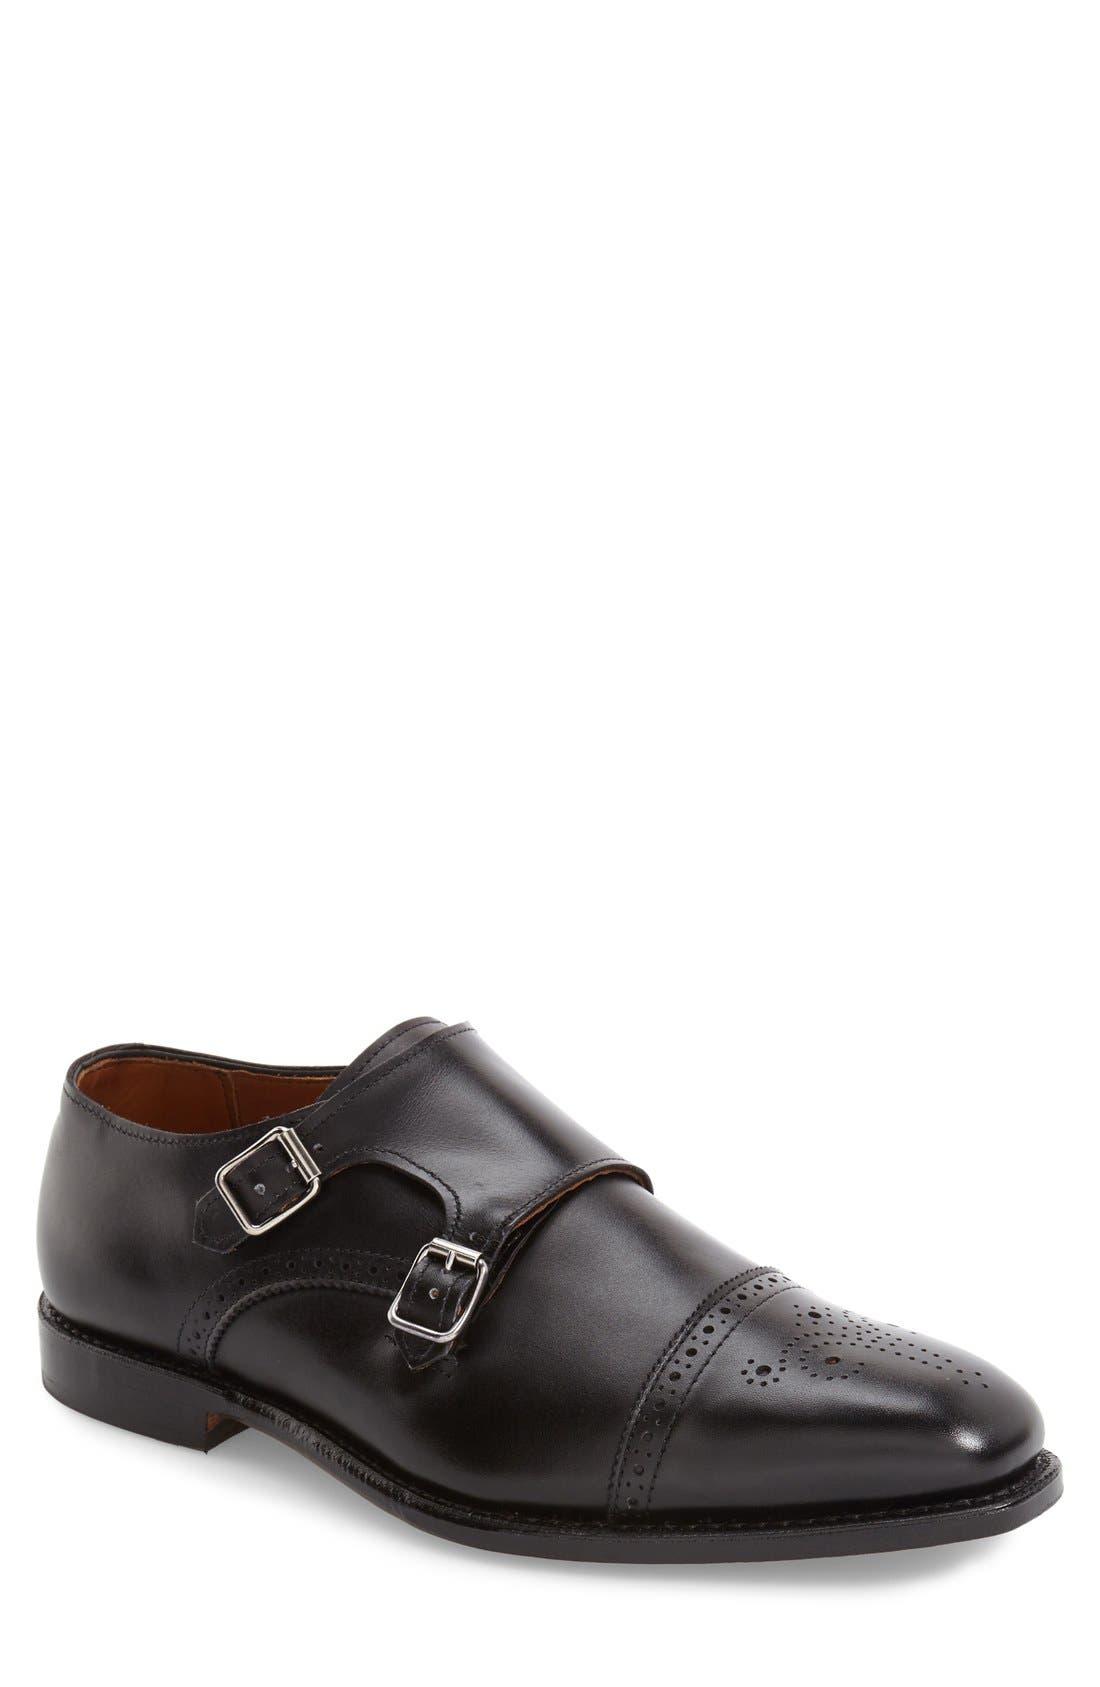 Alternate Image 1 Selected - Allen Edmonds 'St. Johns' Double Monk Strap Shoe (Men)